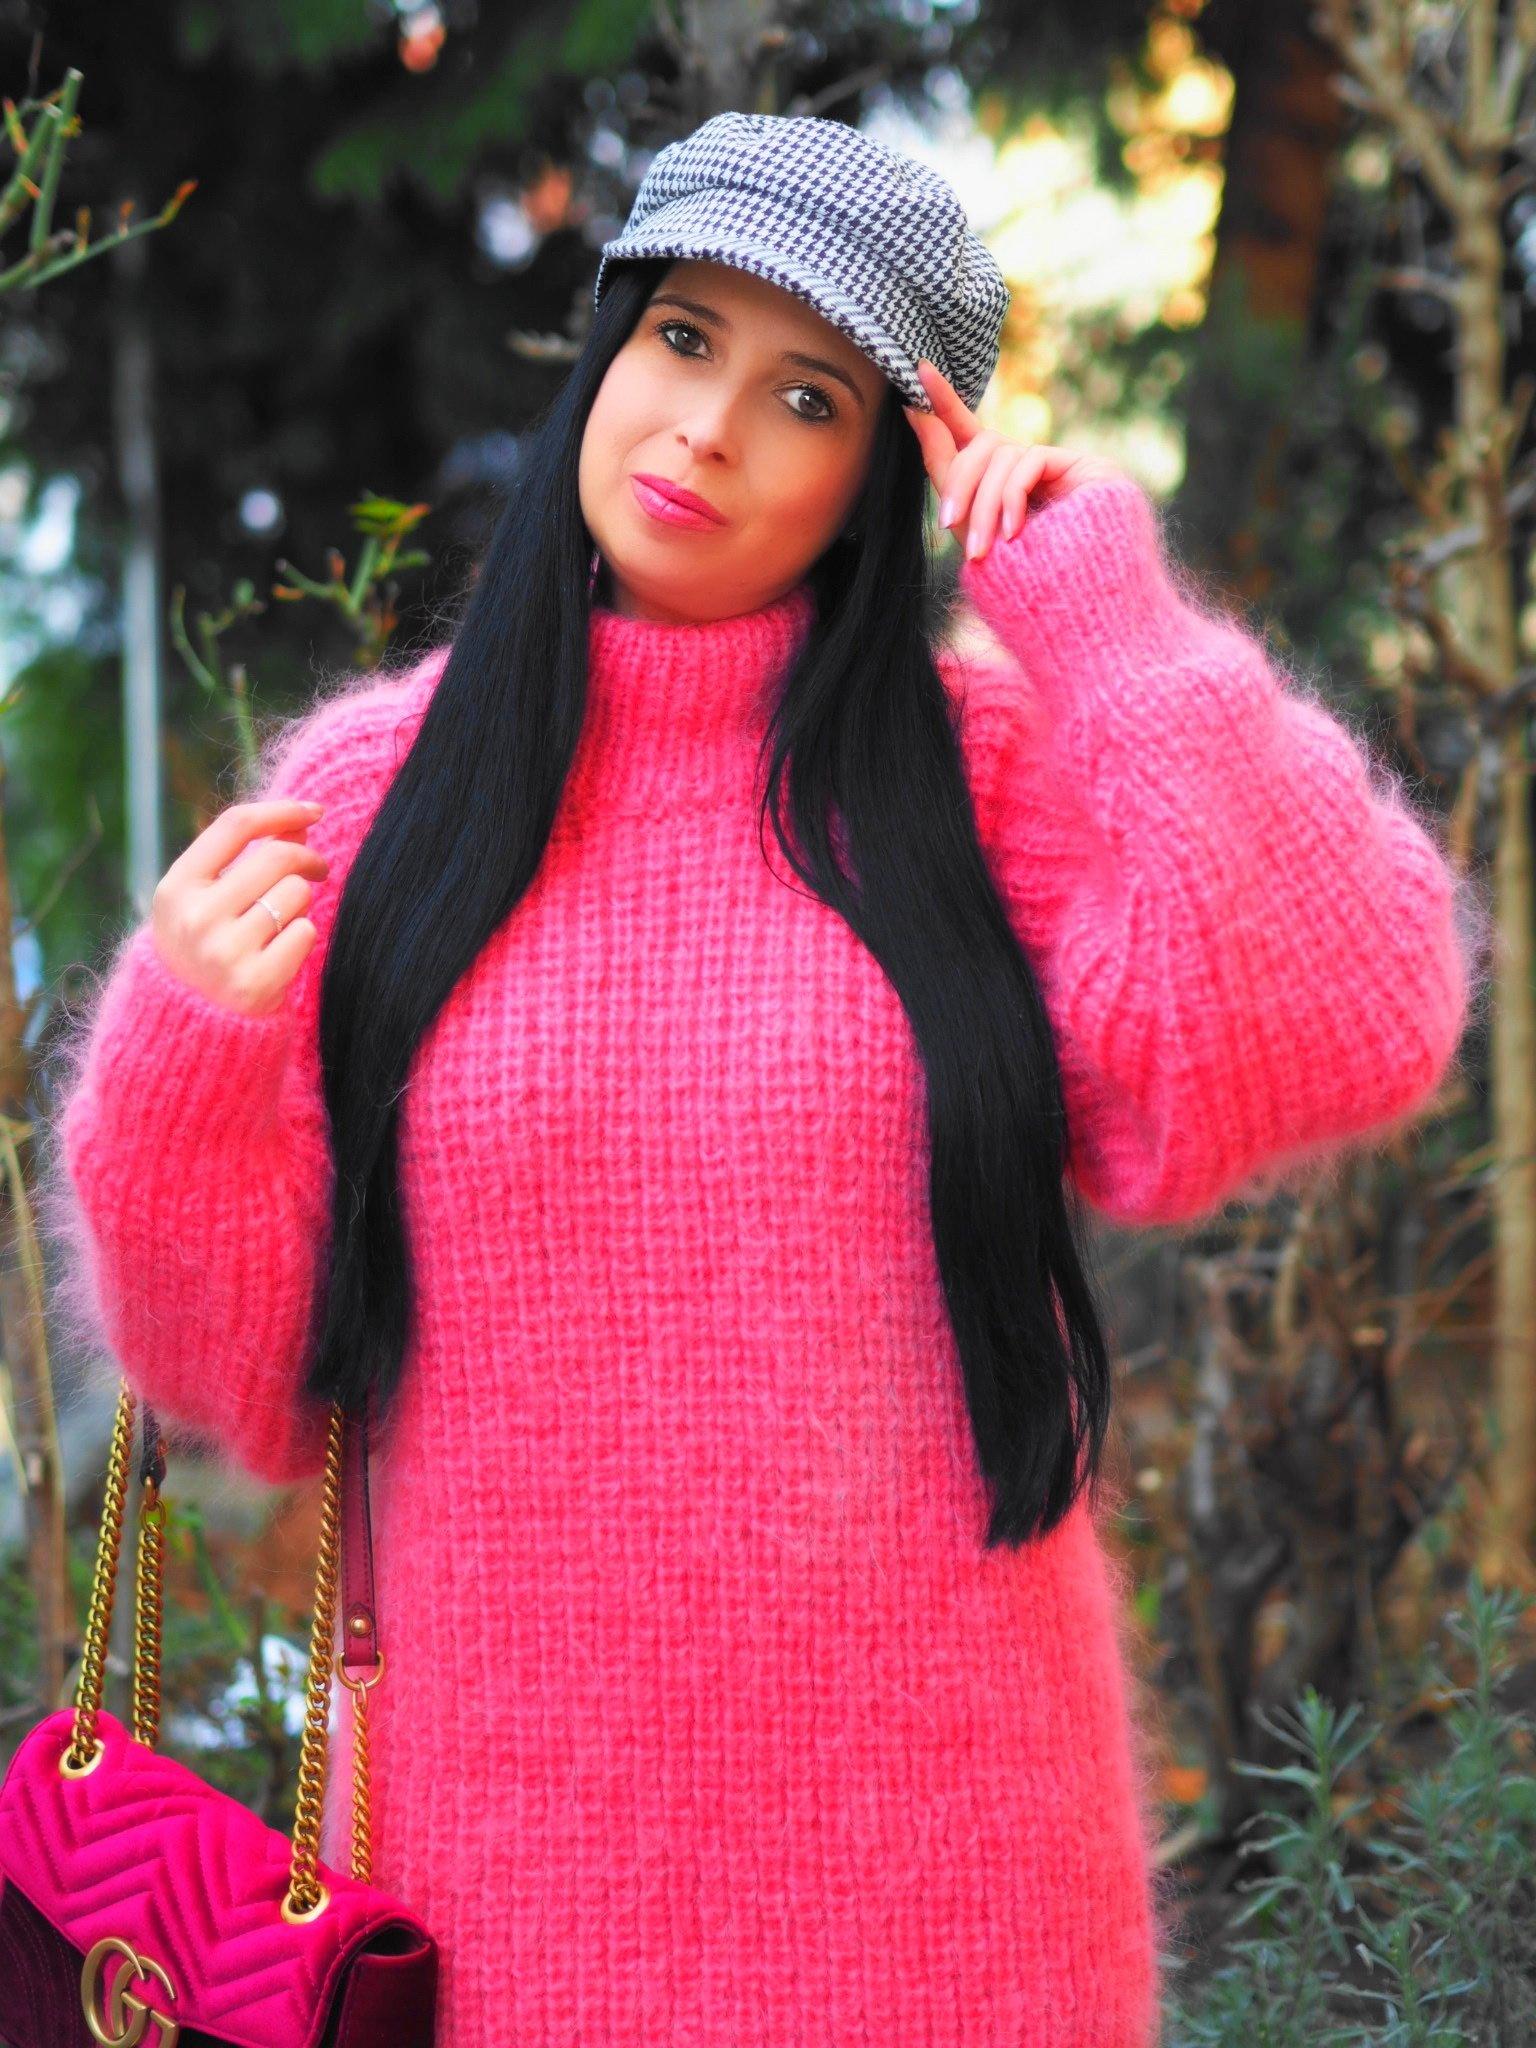 Heute zeige ich dir auf meinem Blog einen wunderschönen rosa Mohair Pullover von SuperTanya und erzähle alles über die Eigenschaften der luxuriösen Wolle